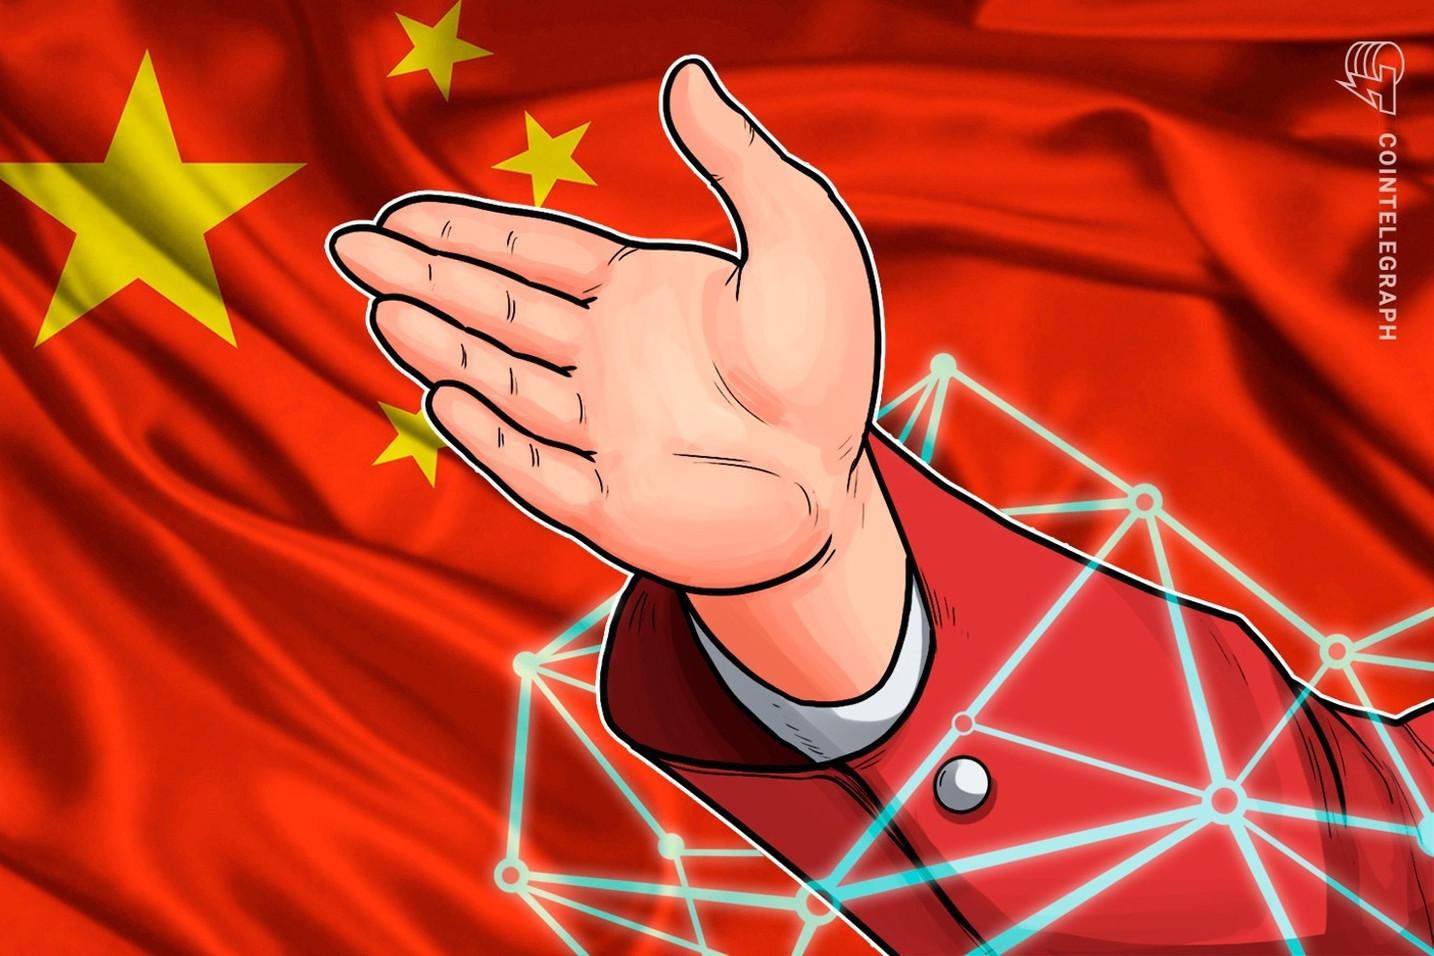 中国政府主導のブロックチェーン、今年4月から本格稼働【ニュース】